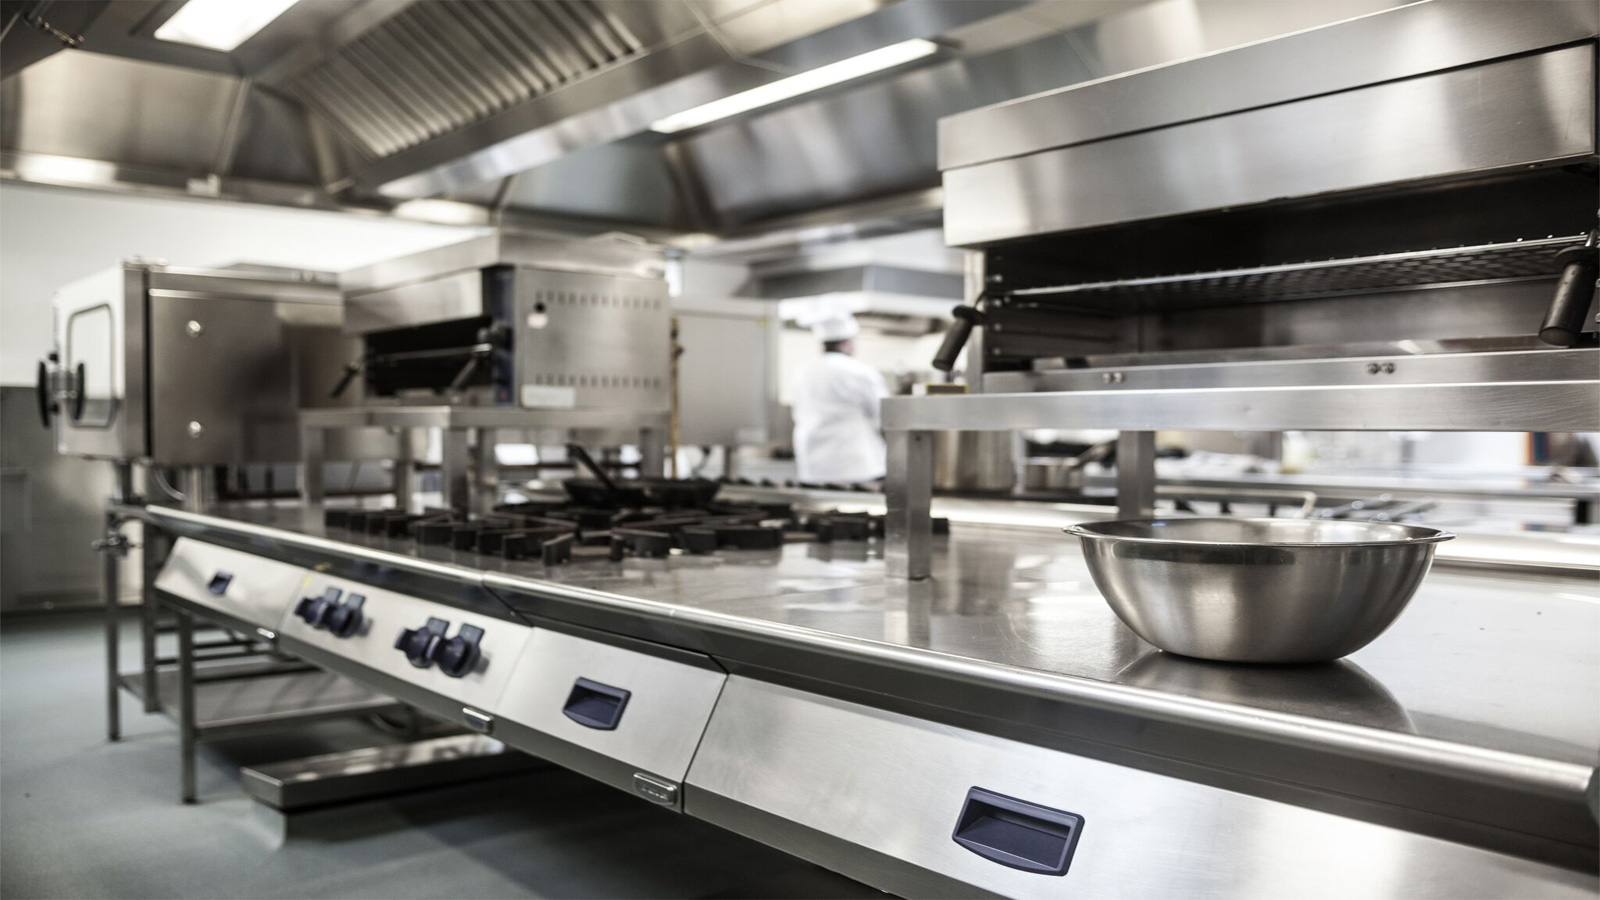 Limpieza cocinas barcelona aceites de cocina - Cocinas industriales segunda mano barcelona ...